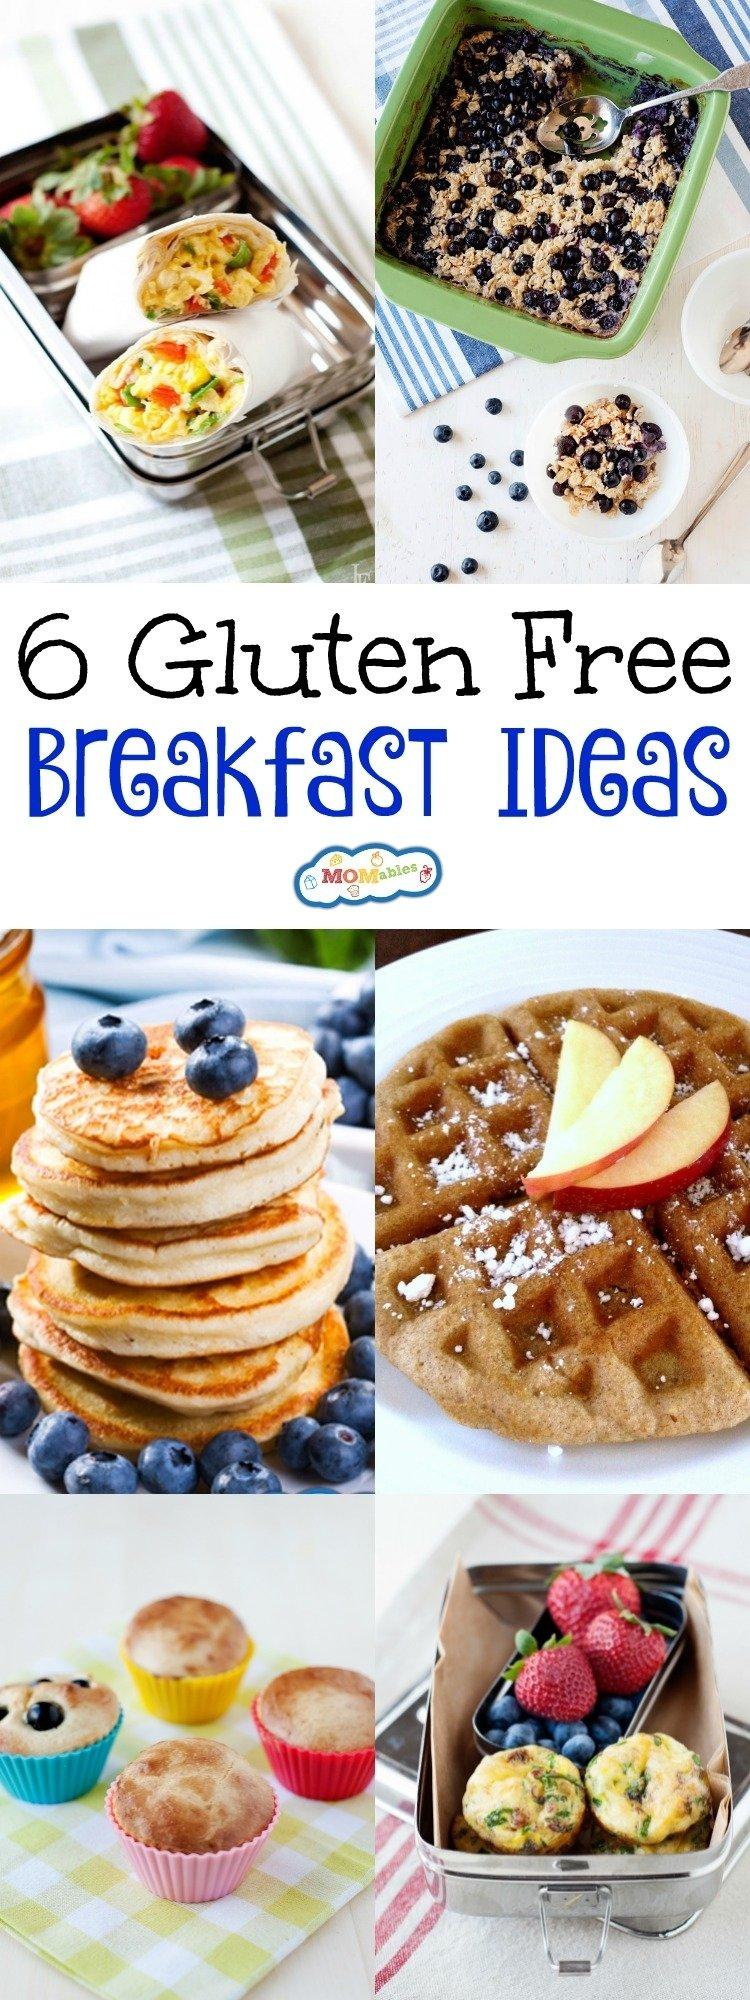 10 Fashionable Easy Gluten Free Breakfast Ideas 6 gluten free breakfast ideas momables 12